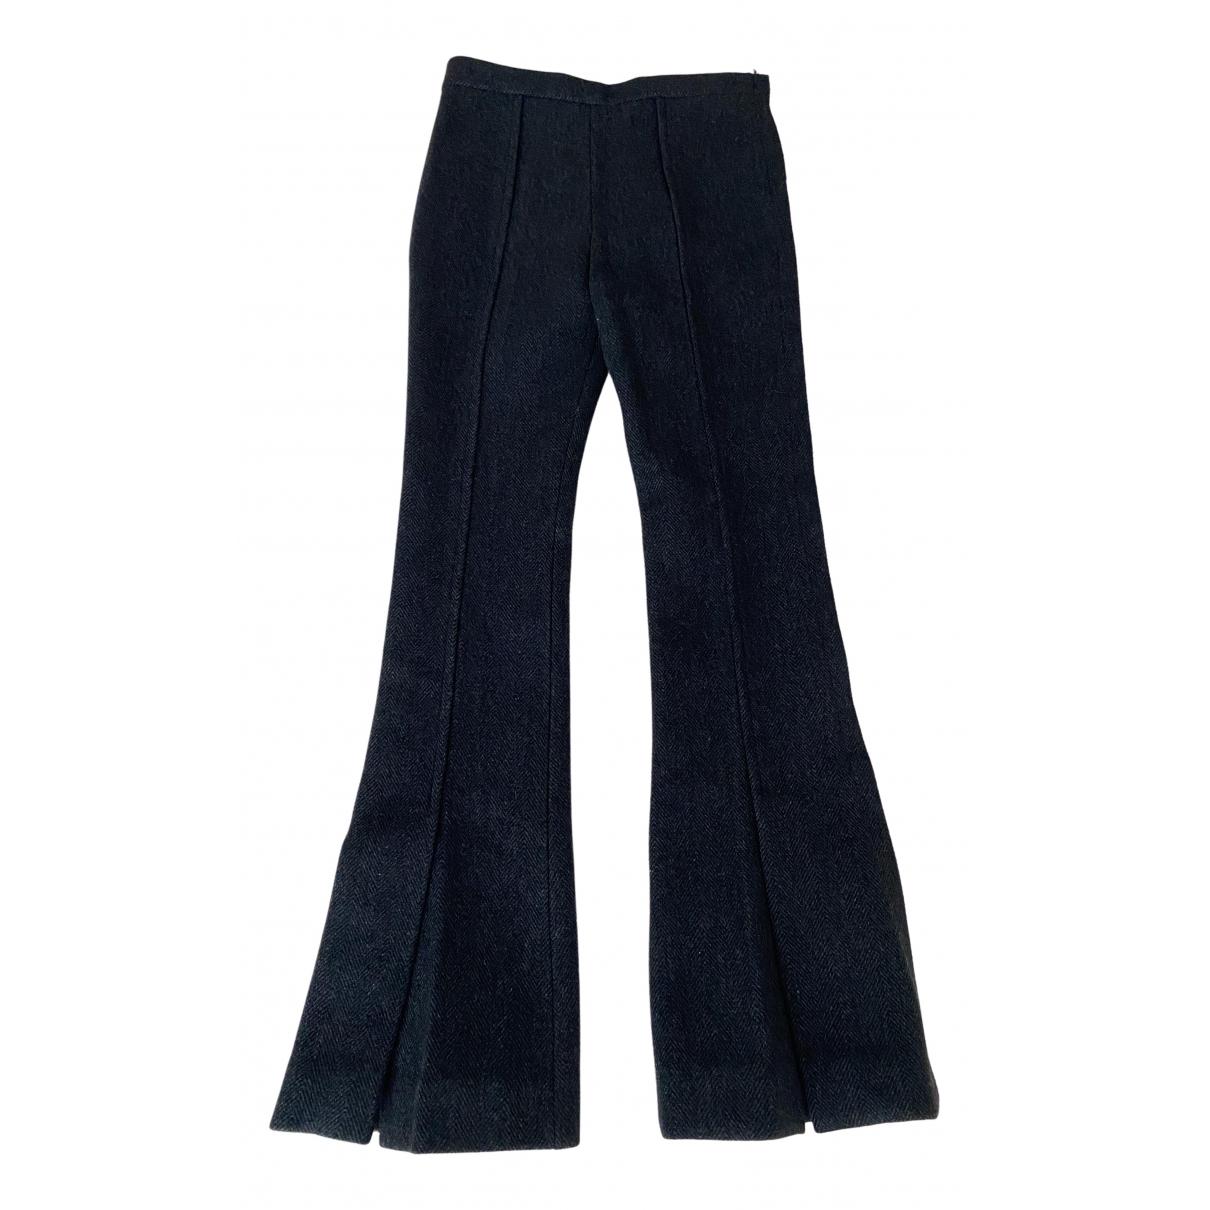 Pantalon de traje de Lana Marni